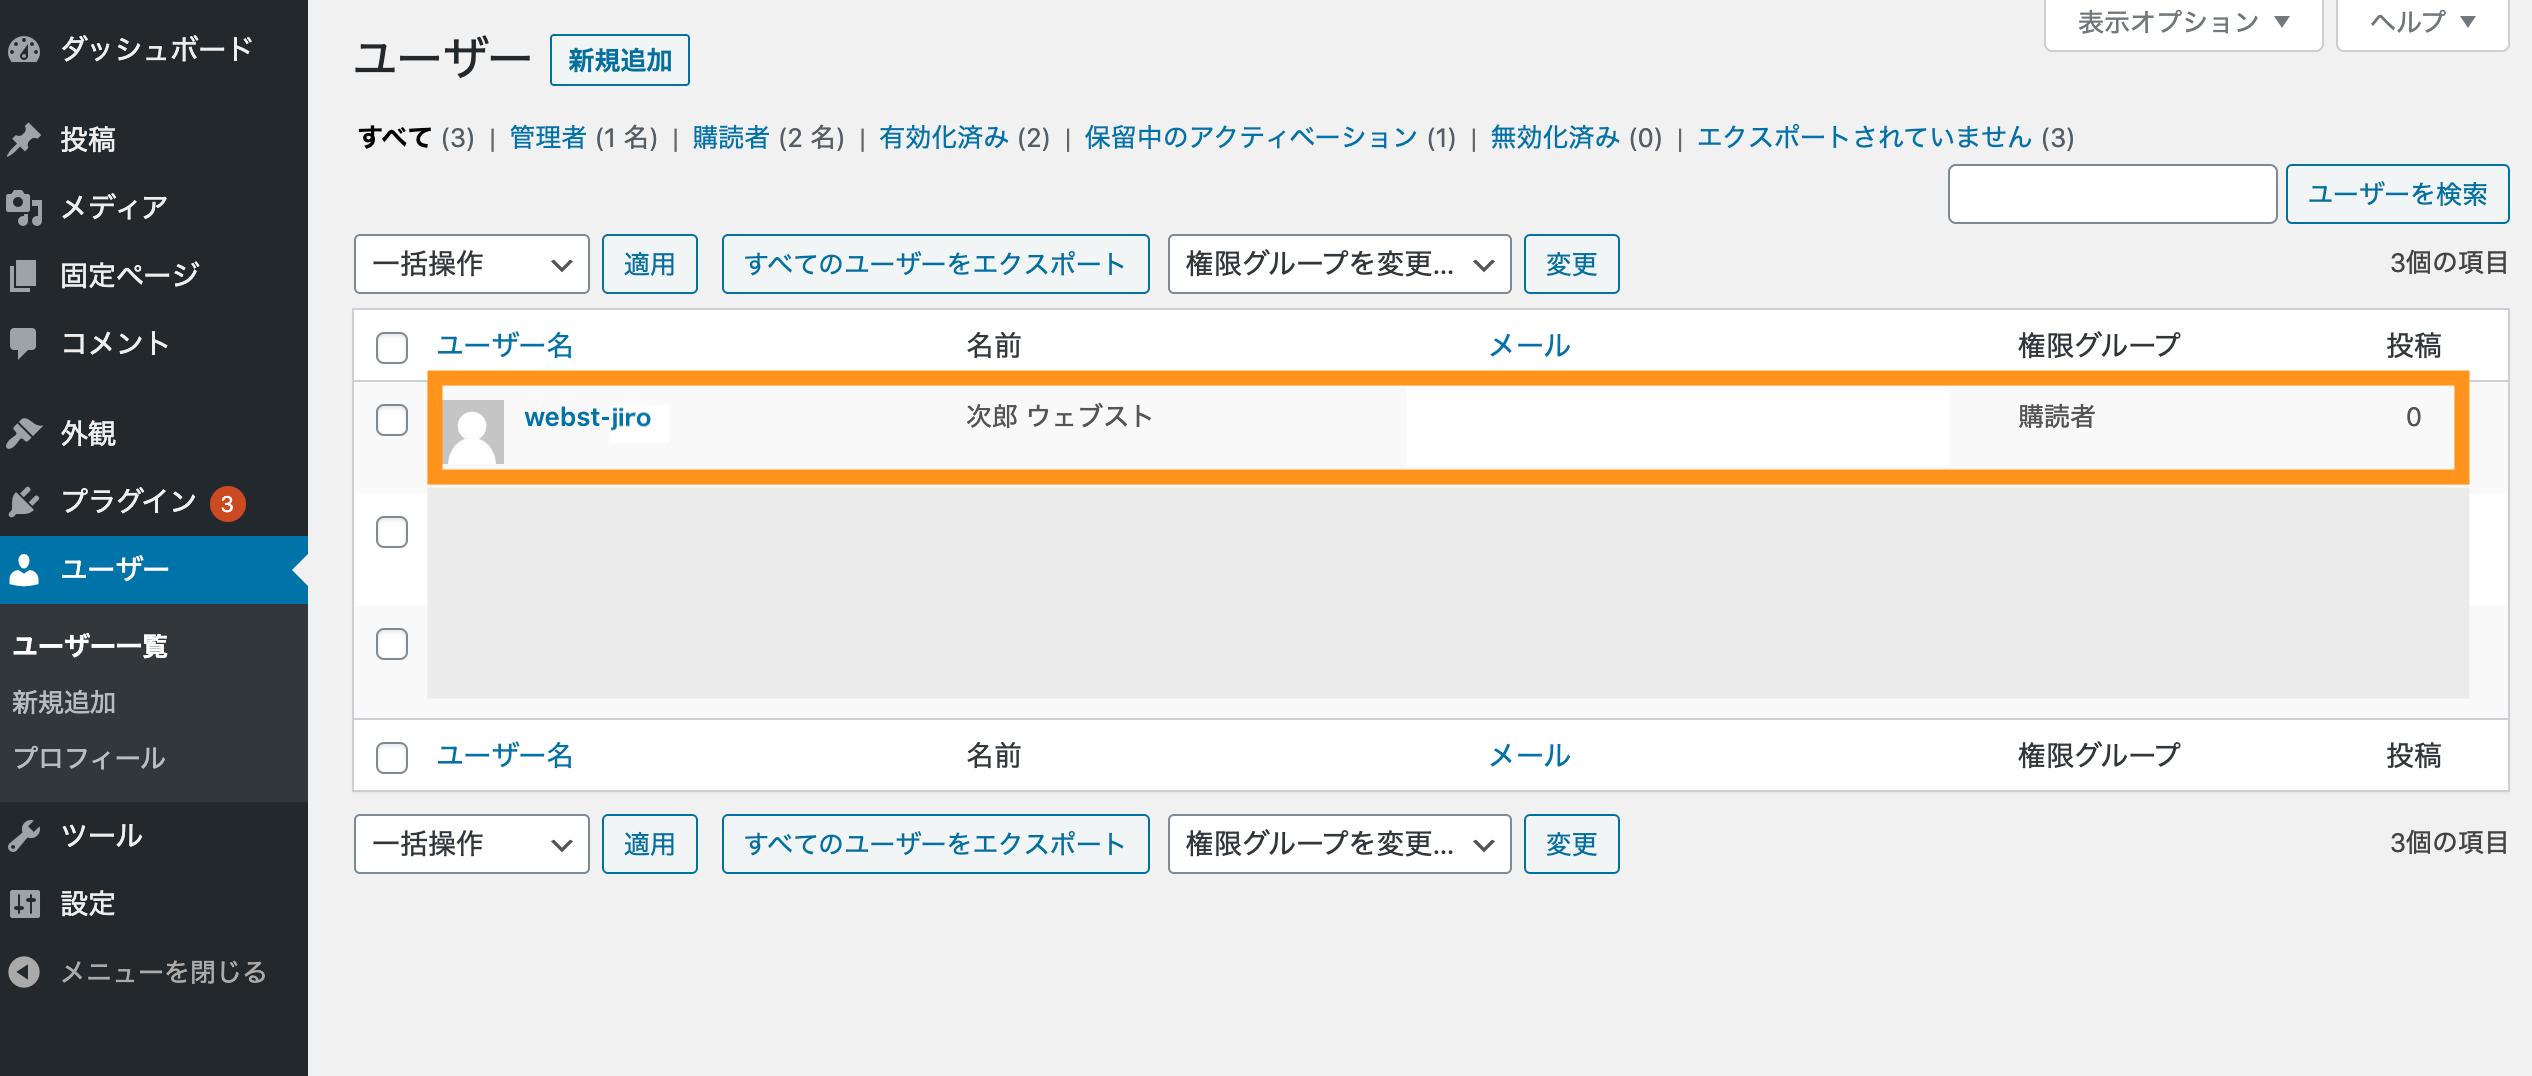 ユーザー一覧。ユーザーが登録されている